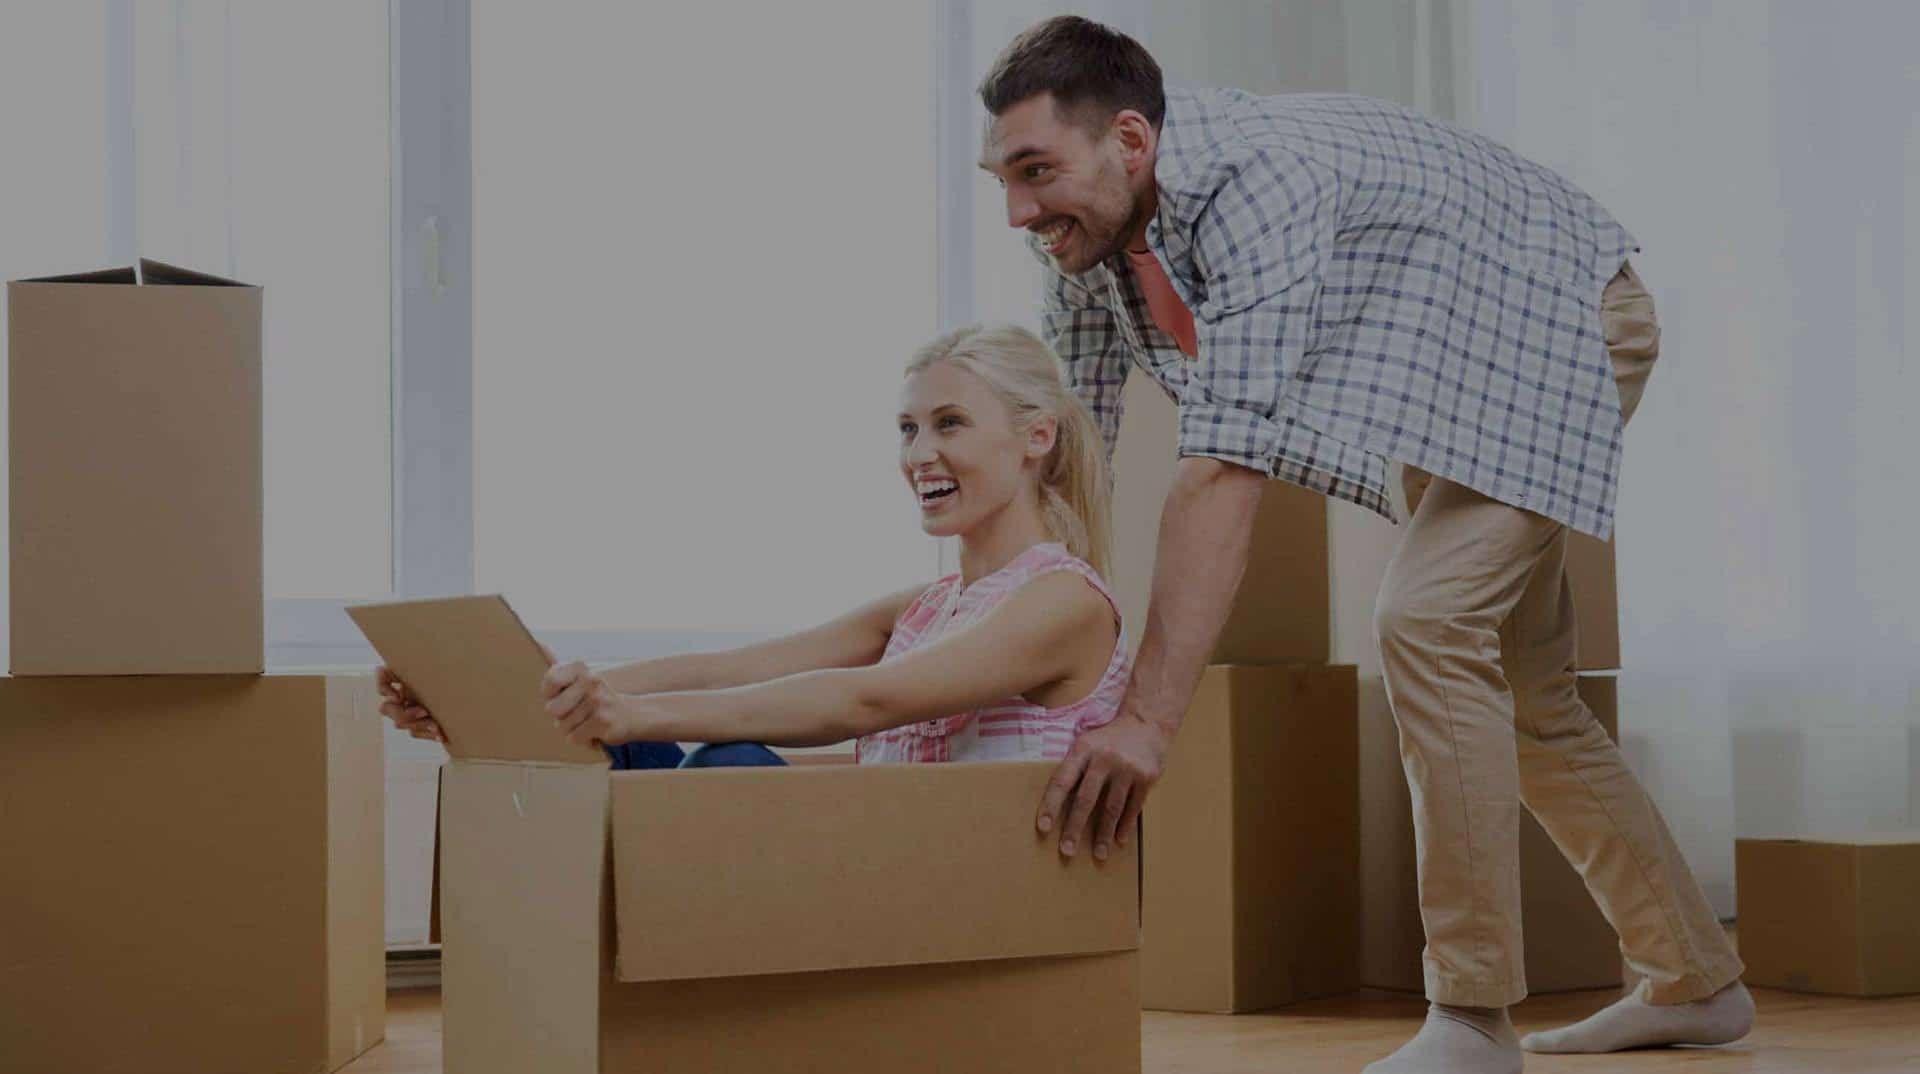 st. petersburg mortgage, saint petersburg mortgage, st. petersburg mortgage rates, st. petersburg mortgage calculator, st. petersburg mortgage lender